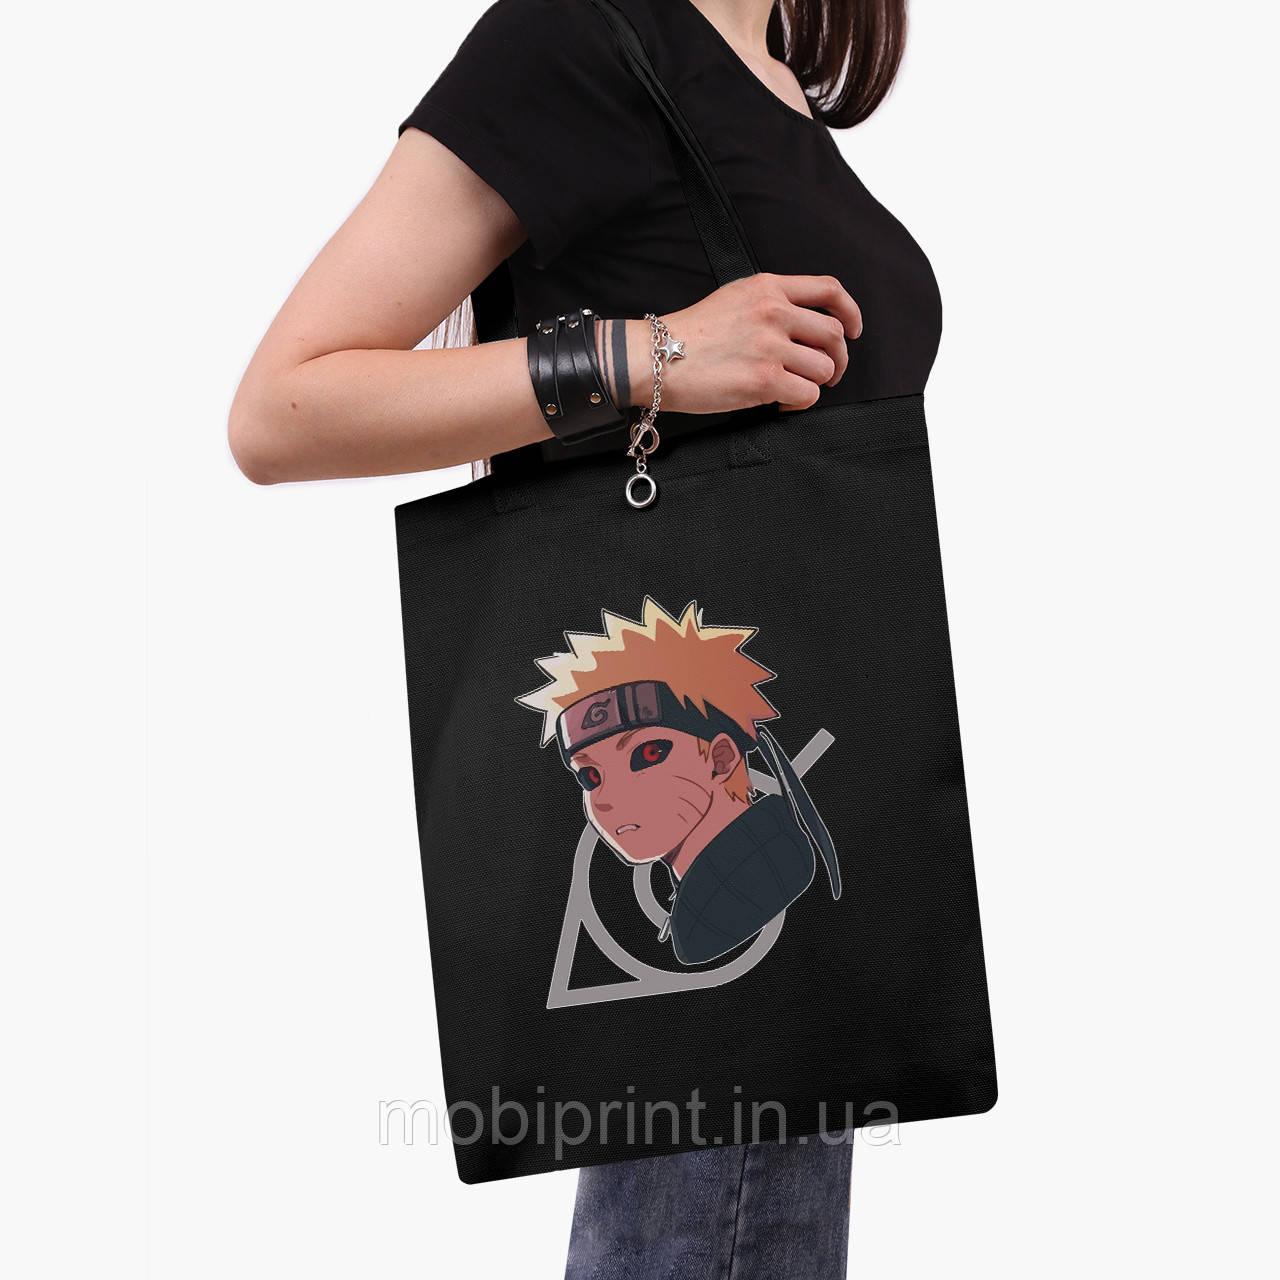 Эко сумка шоппер черная Наруто Узумаки (Naruto Uzumaki) (9227-2822-2)  41*35 см